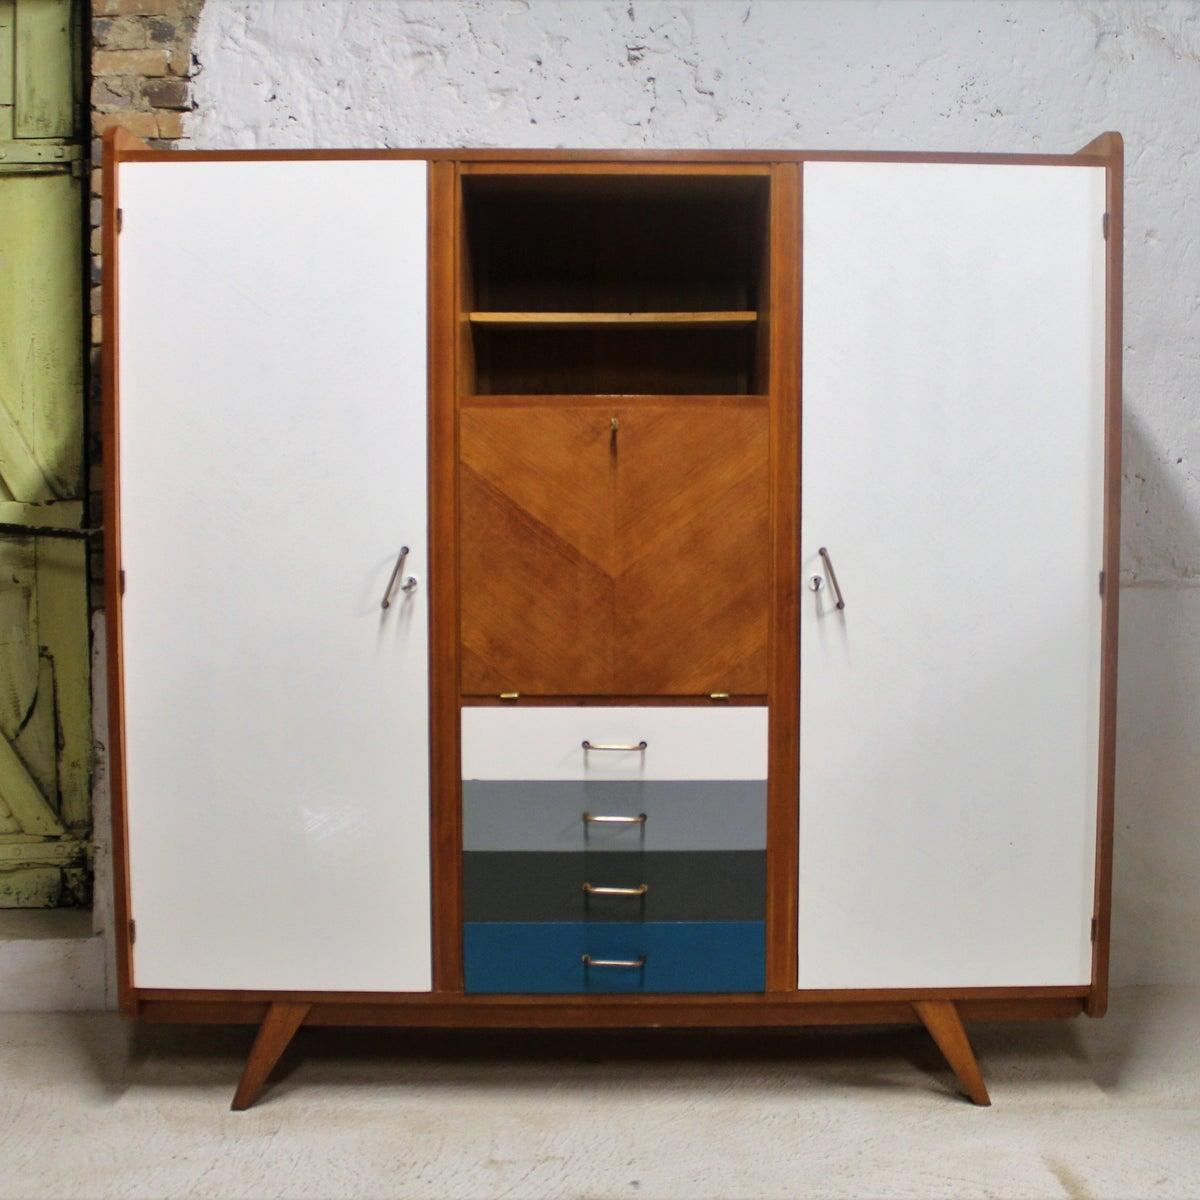 armoire dressing bureau ann es 60 fibresendeco vannerie artisanale mobilier vintage. Black Bedroom Furniture Sets. Home Design Ideas